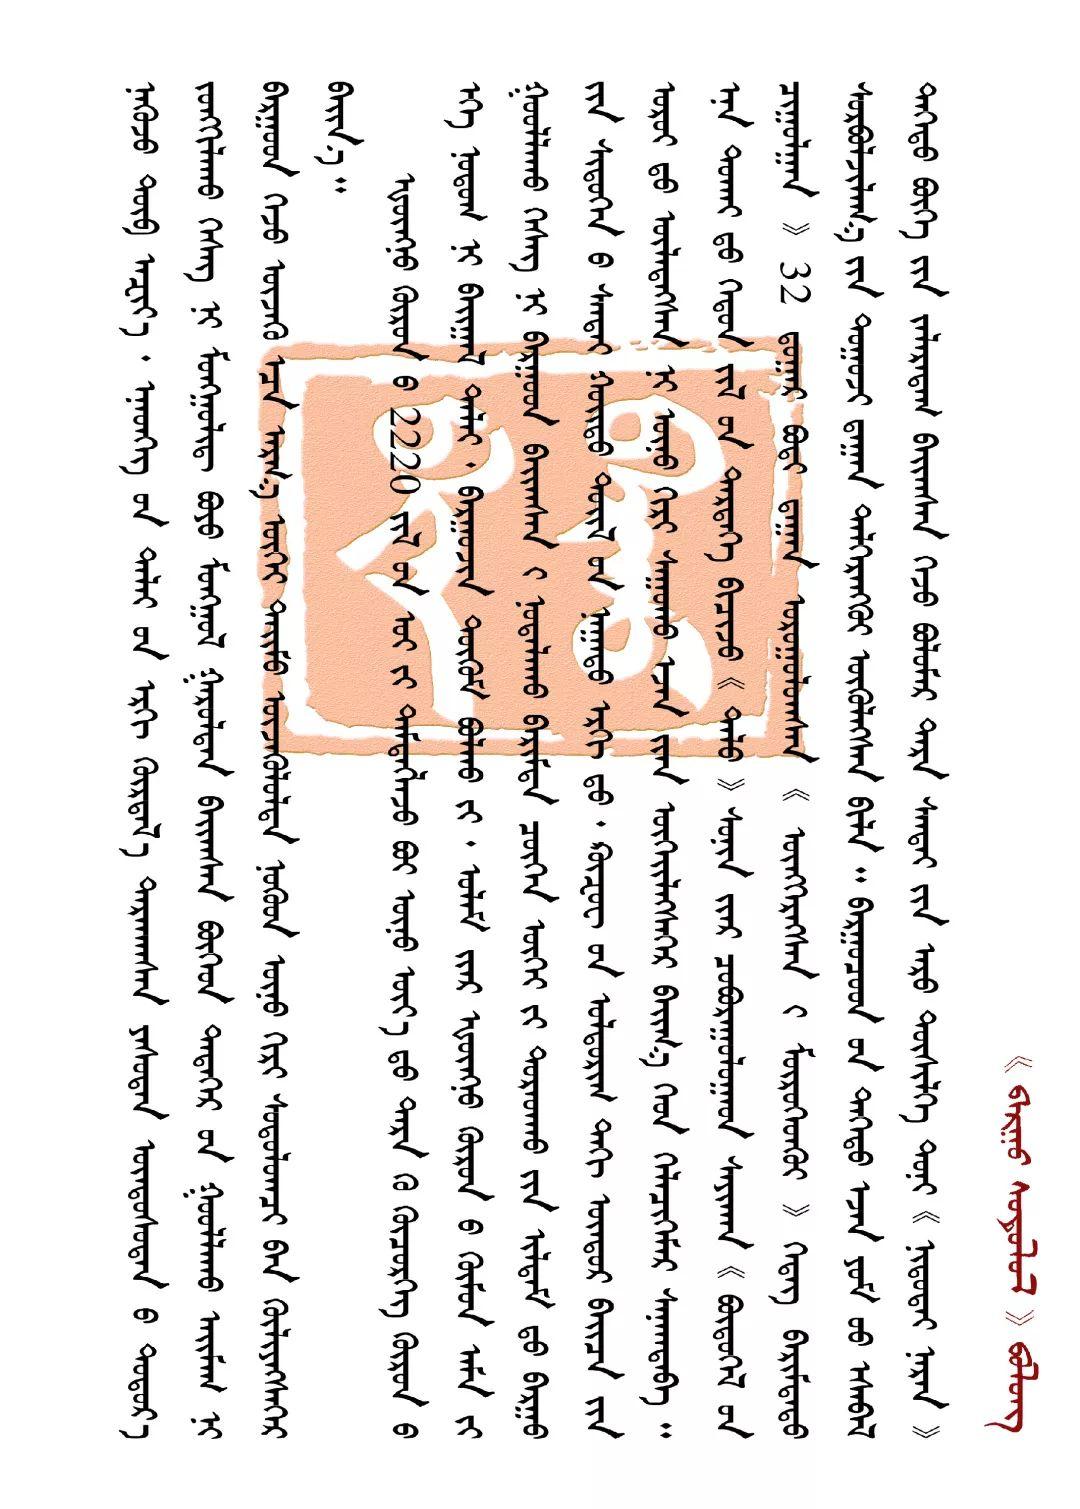 巴尔虎研究 【第三期】 第9张 巴尔虎研究 【第三期】 蒙古文化